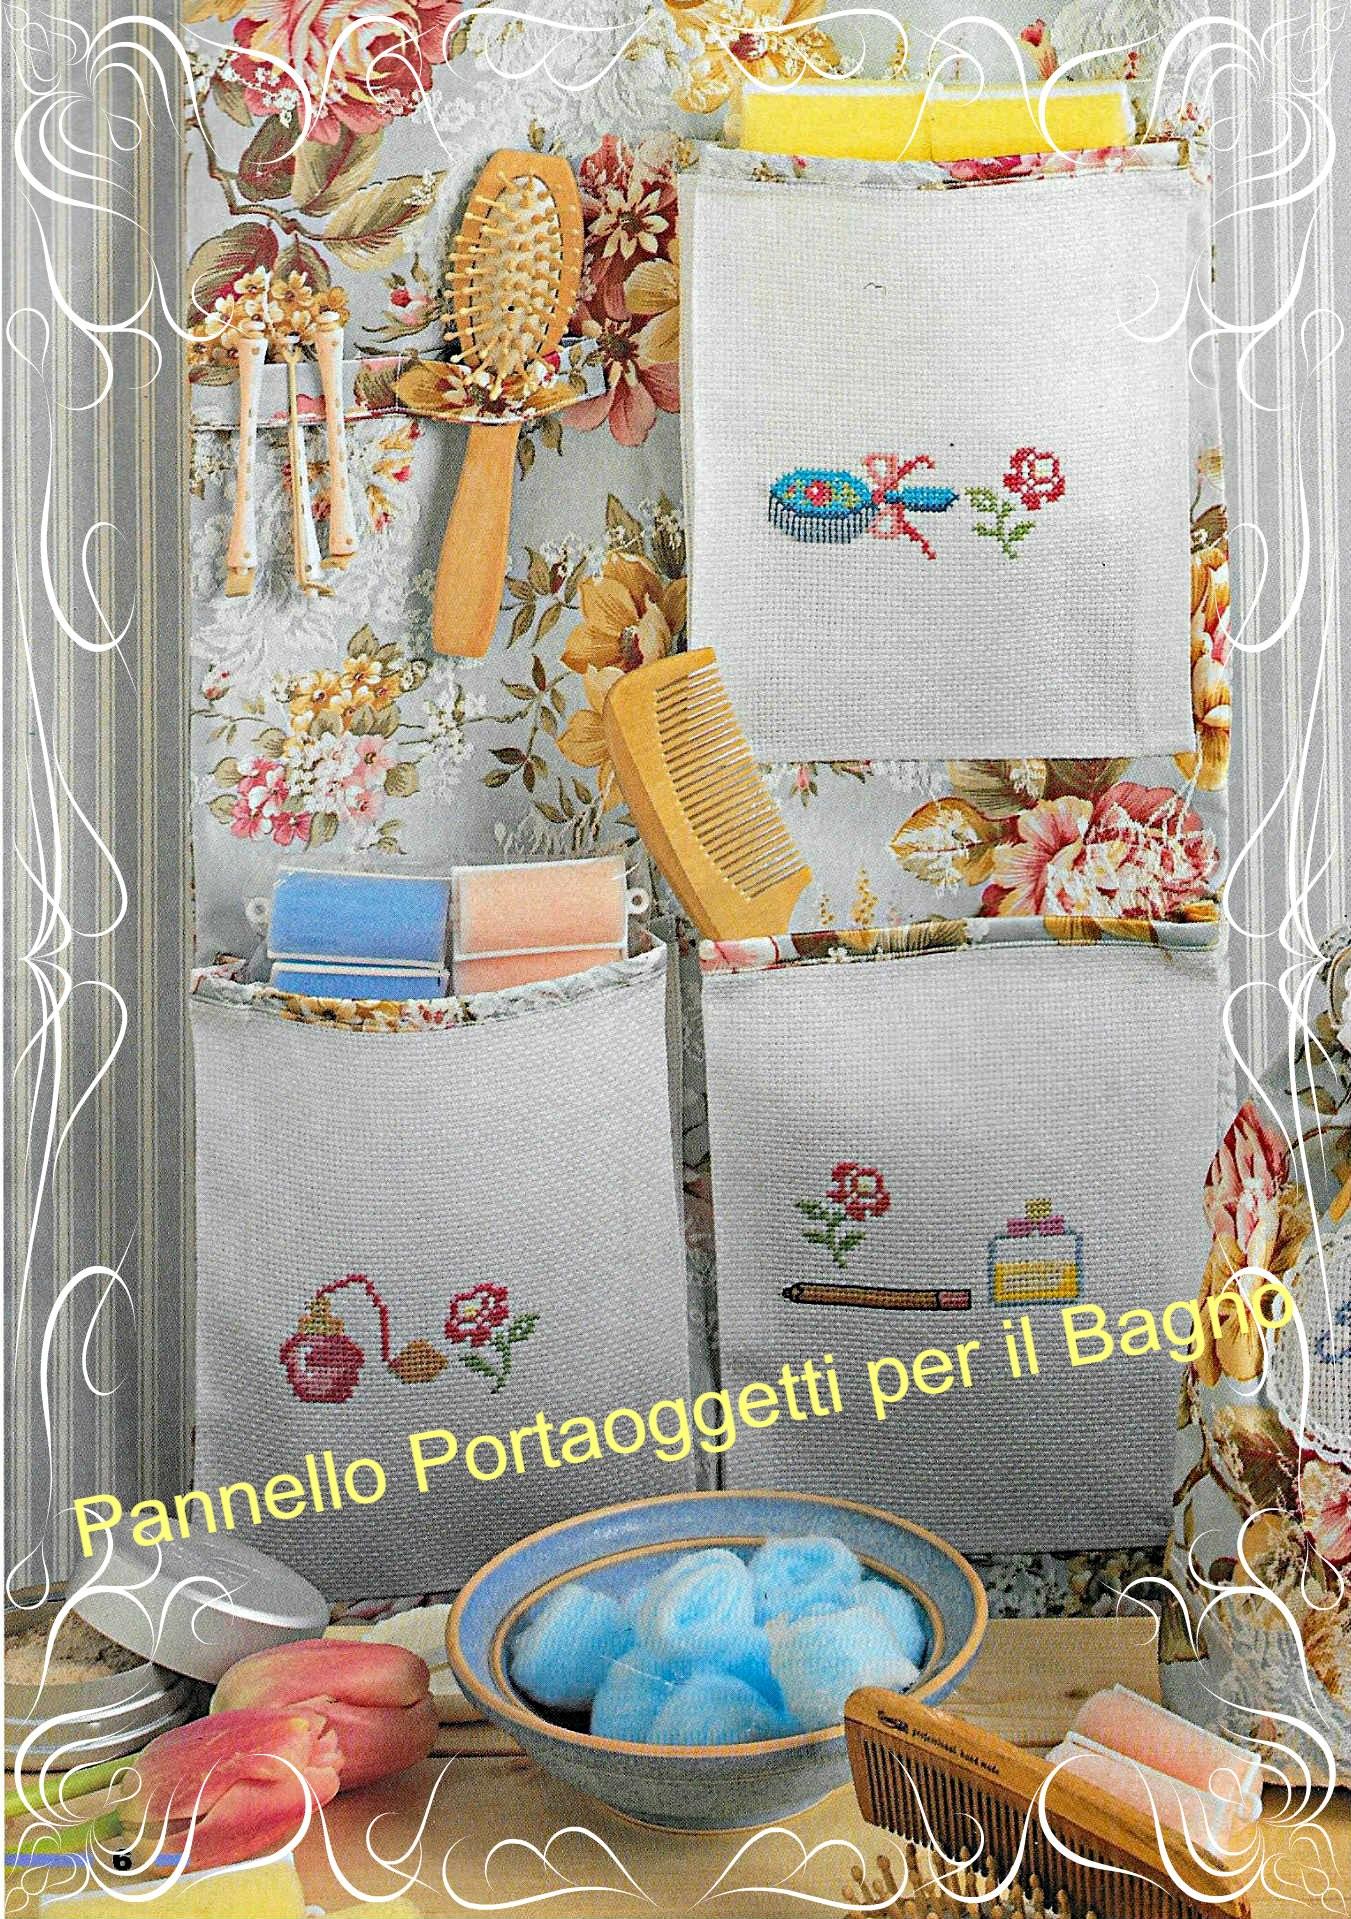 Portaoggetti Da Parete Per Cucina tutorial pannello porta oggetti per il bagno